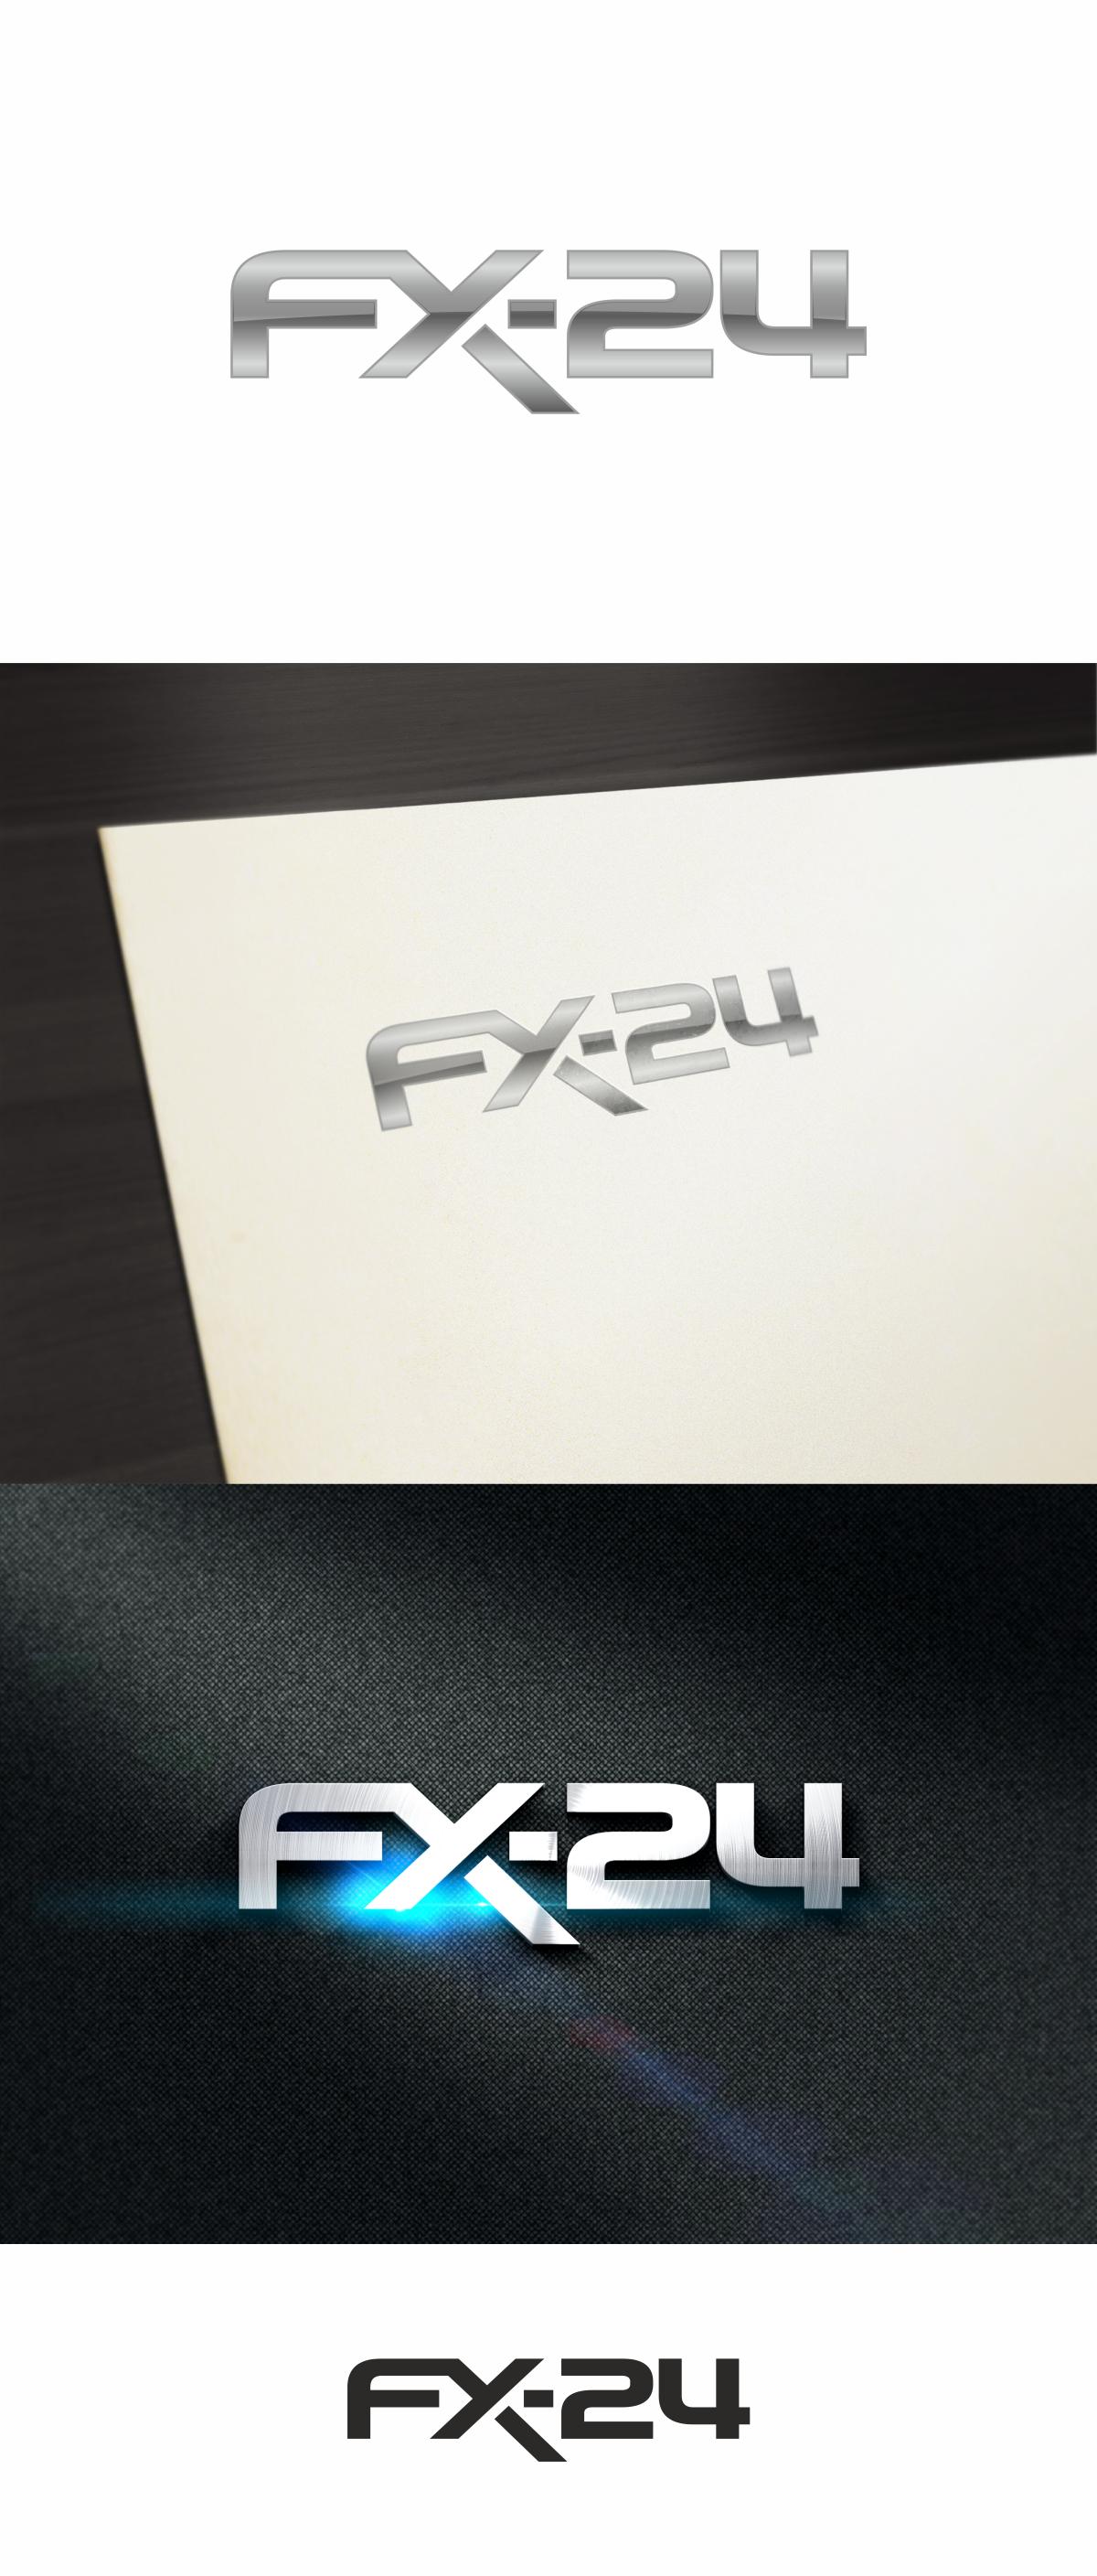 Разработка логотипа компании FX-24 фото f_577546232ba3c1aa.jpg